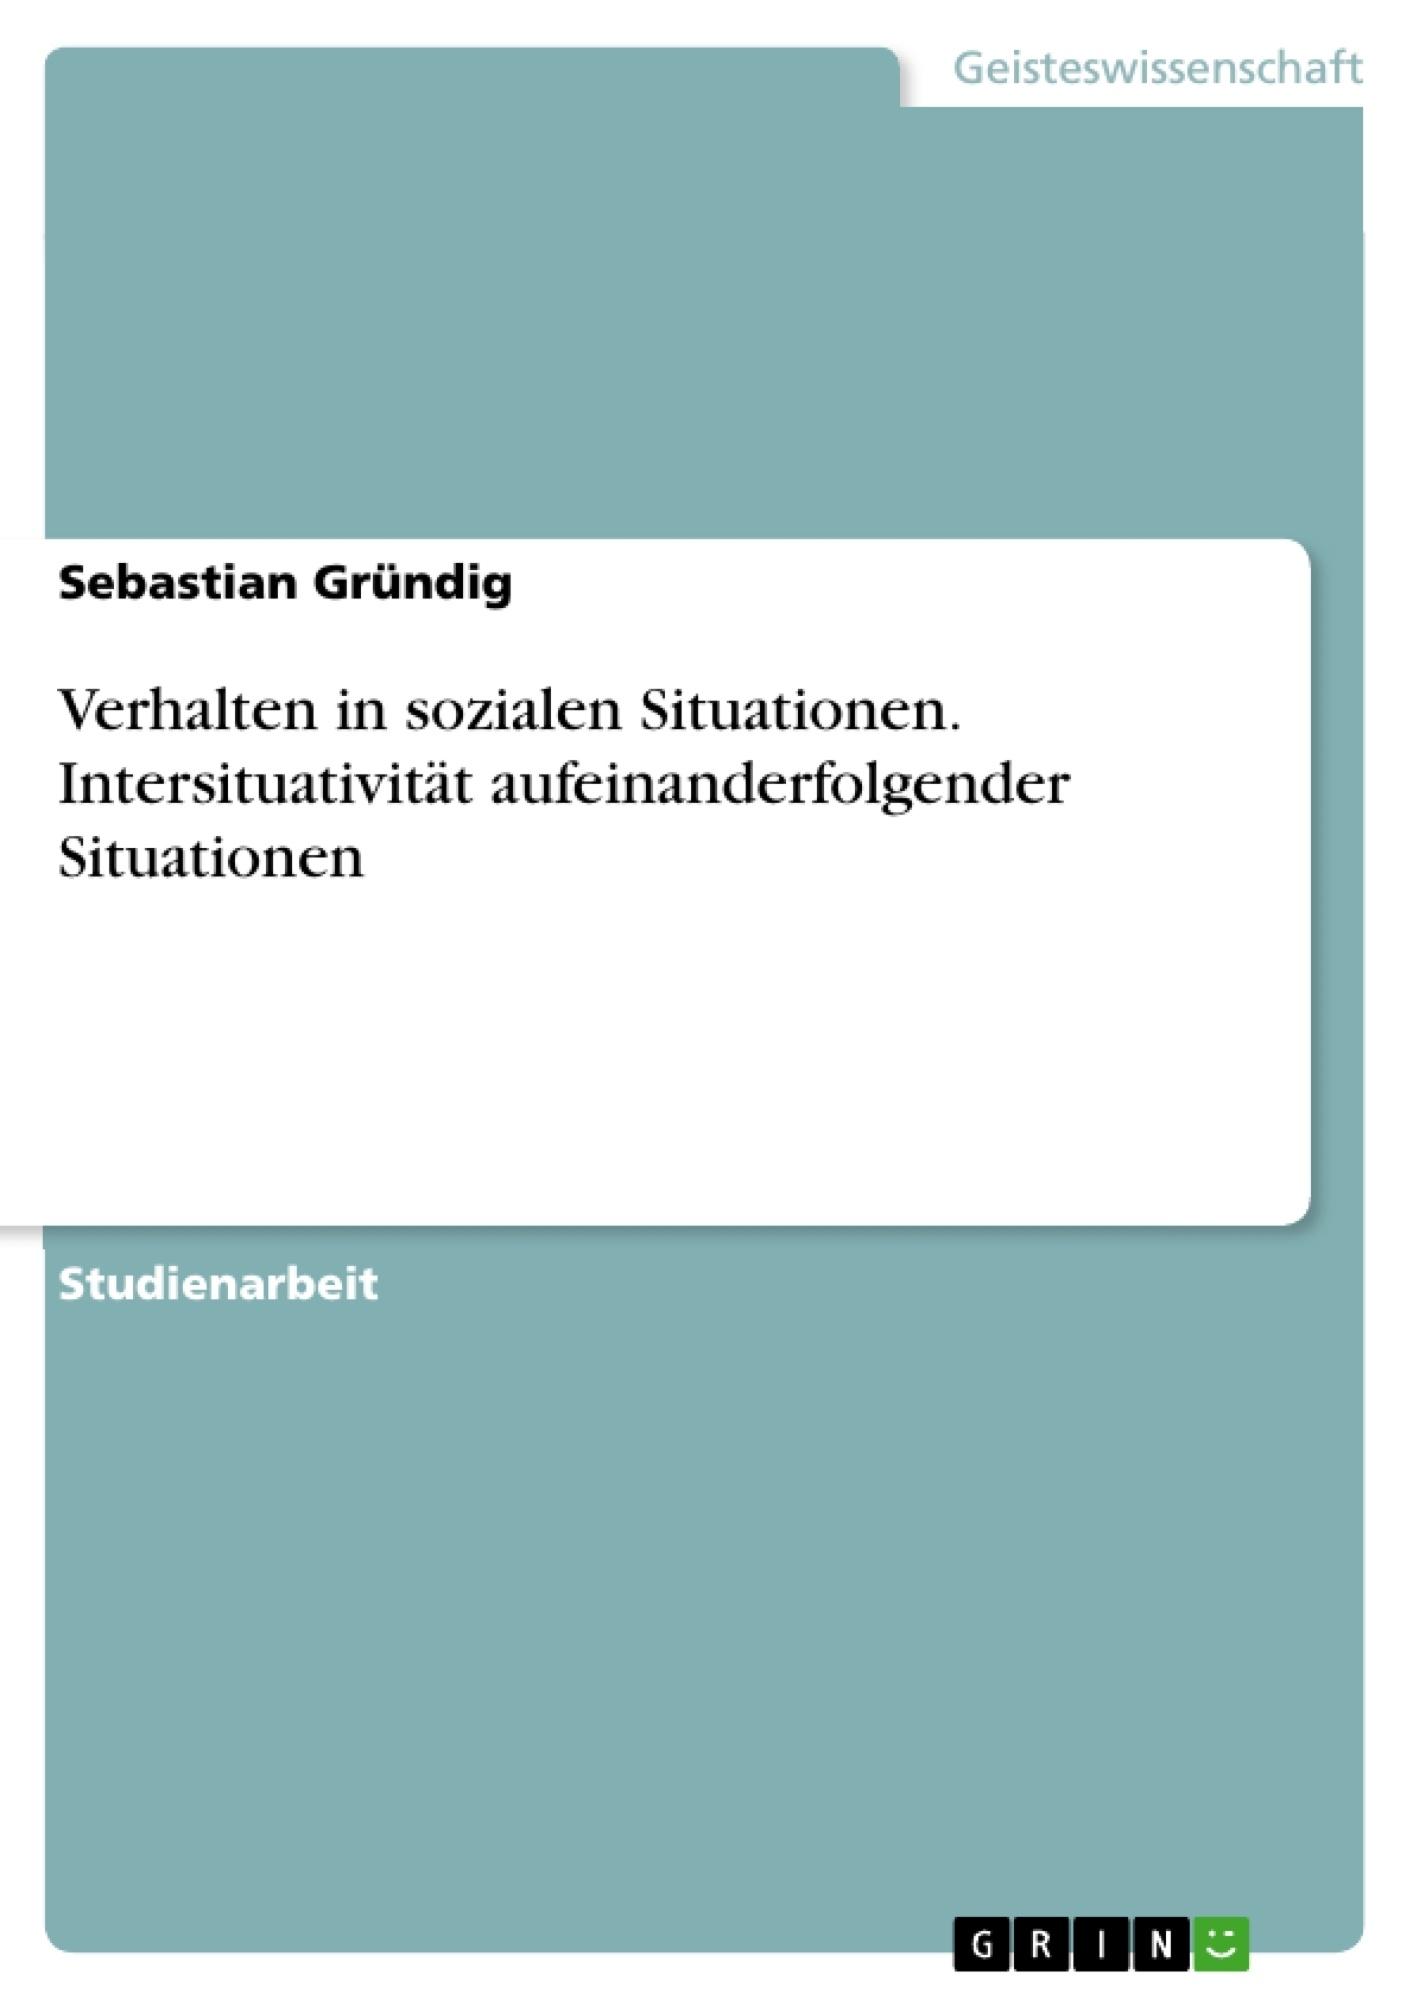 Titel: Verhalten in sozialen Situationen. Intersituativität aufeinanderfolgender Situationen